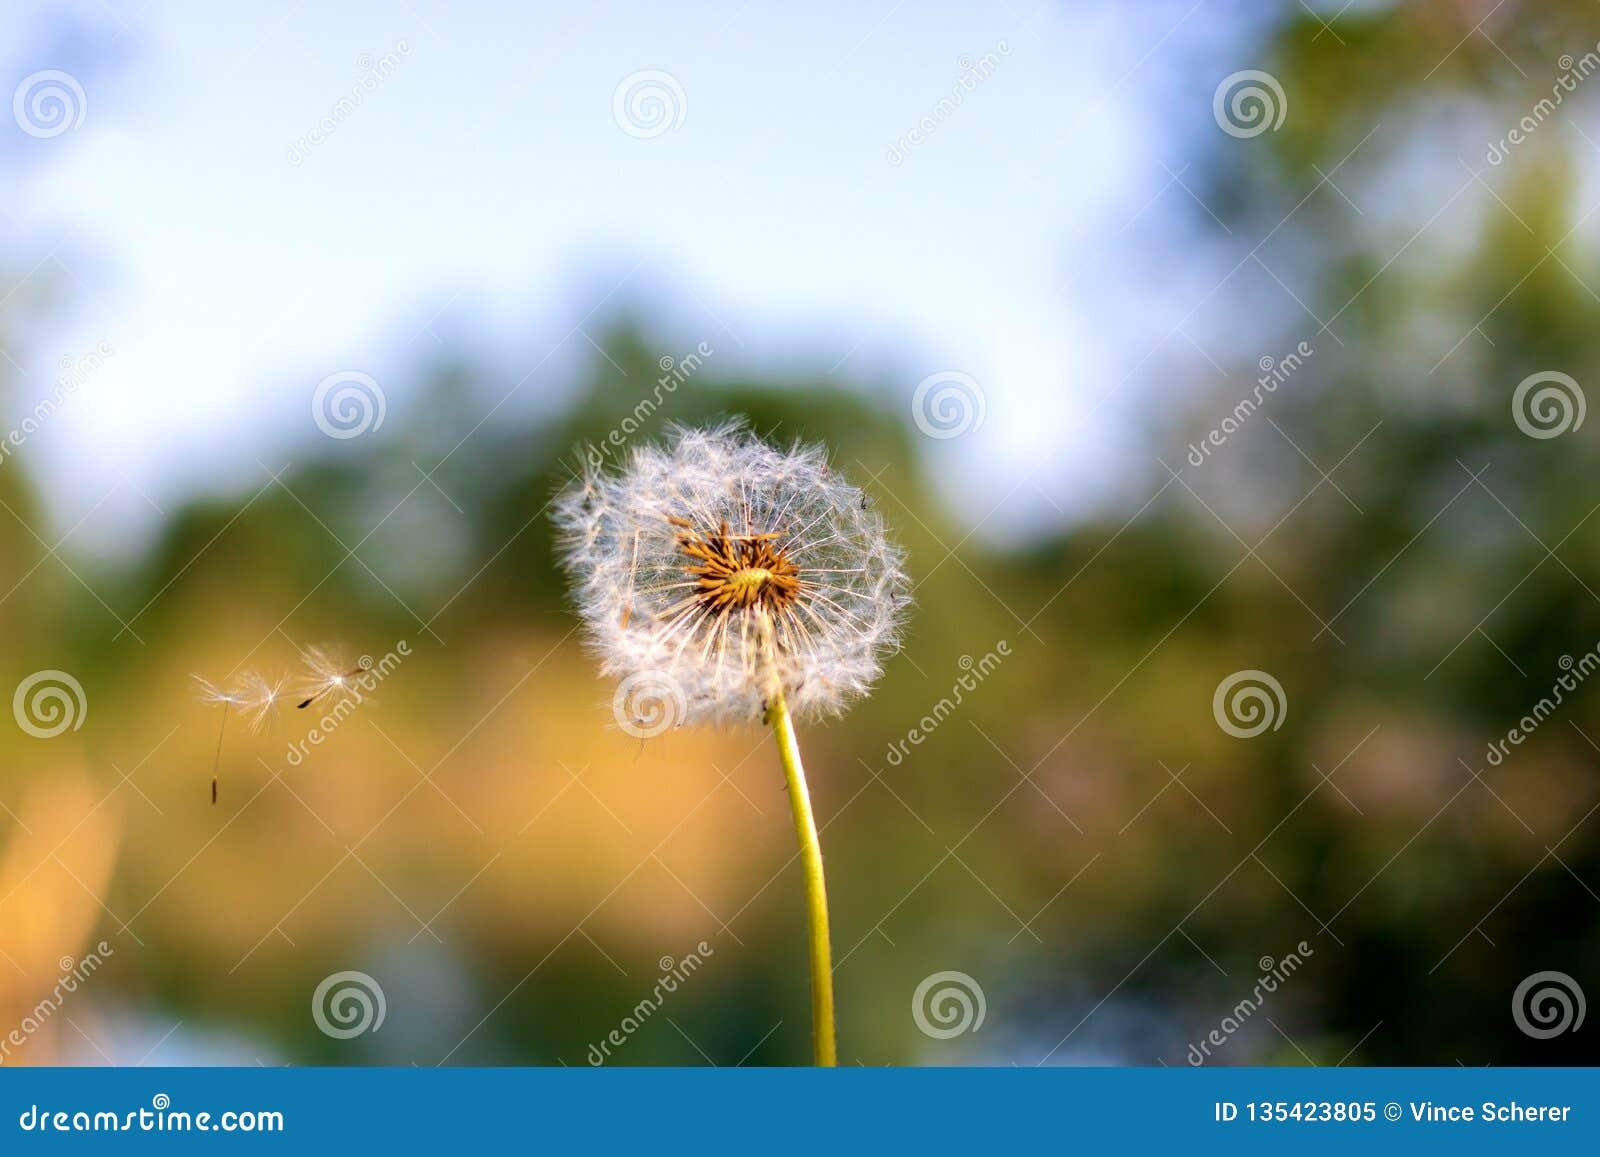 Семена одуванчика в солнечном свете утра дуя прочь поперек